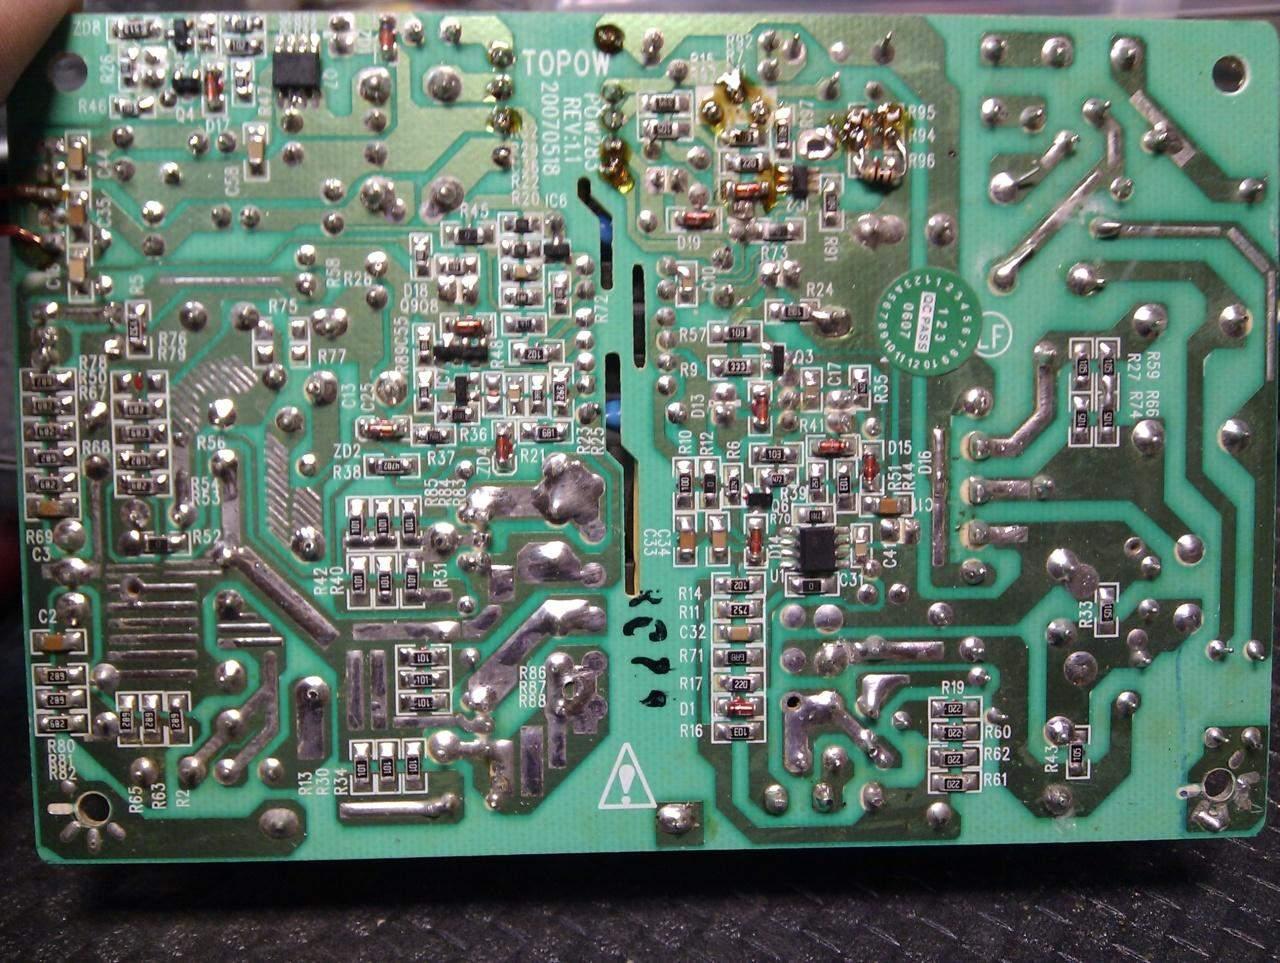 Zasilacz impulsowy nie startuje TOPOW POW283 5V 12V 2x37V